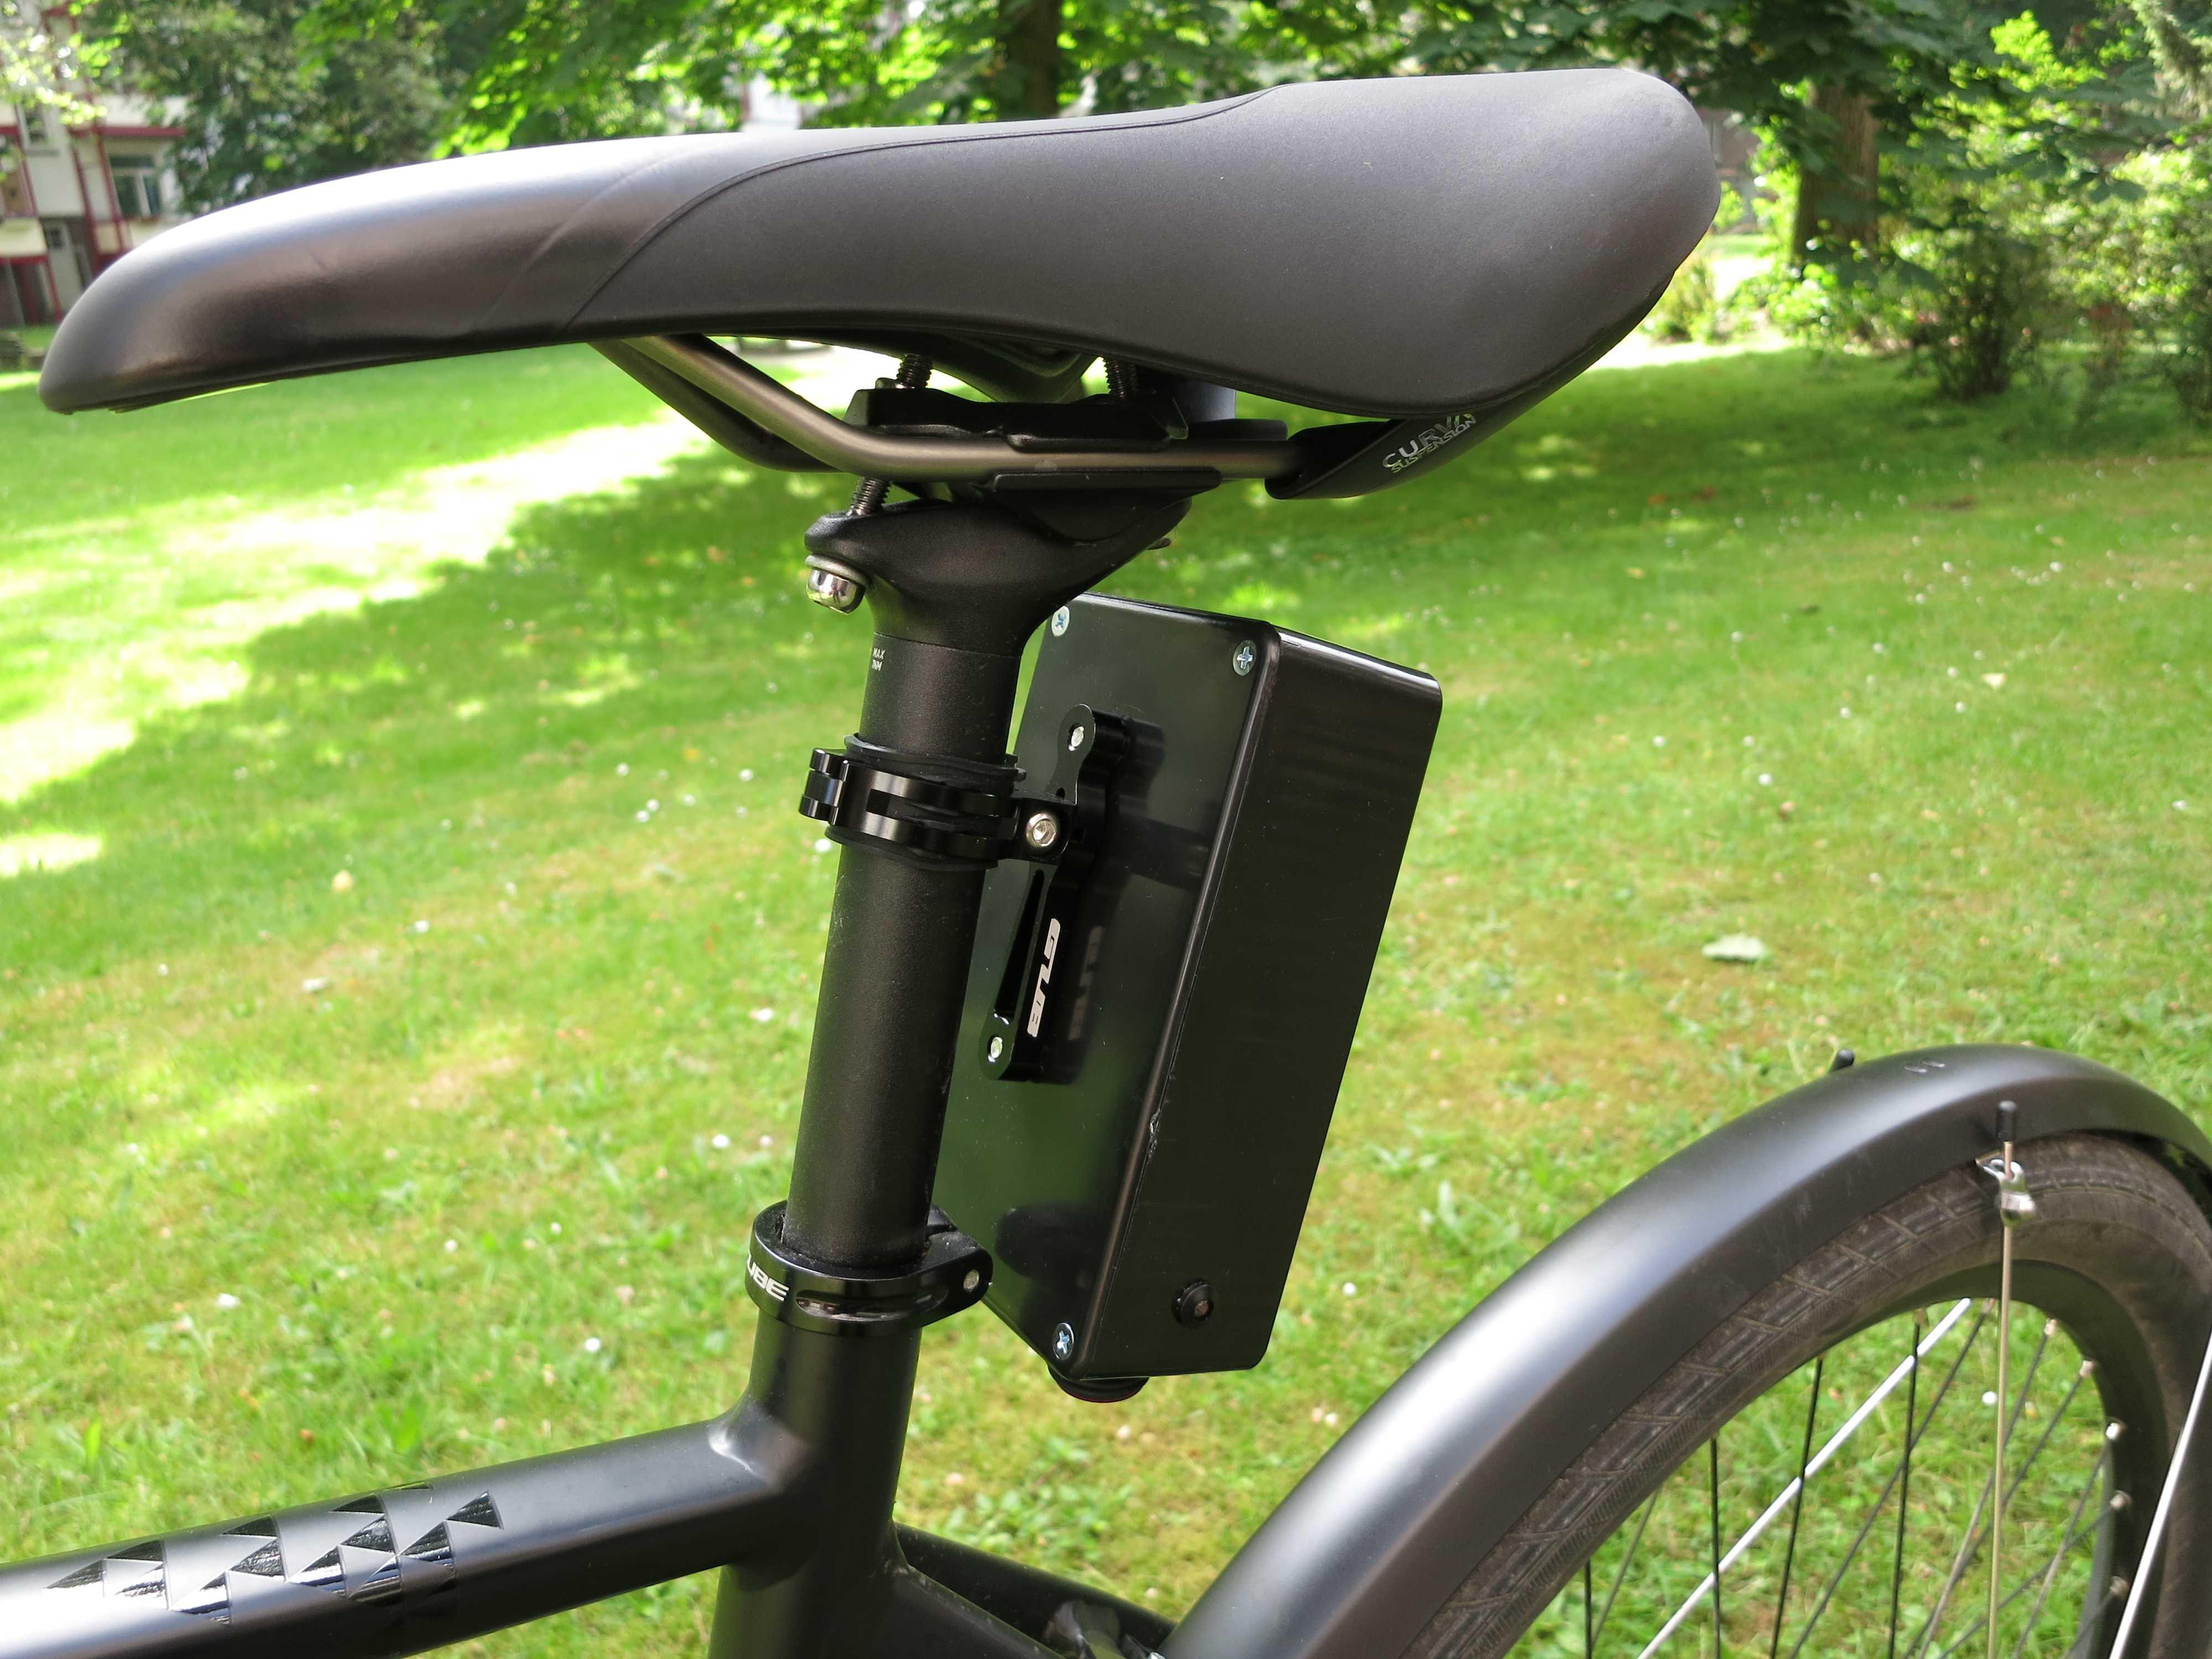 Ein schwarzer Kasten hängt am Fahrrad unter einem Sattel